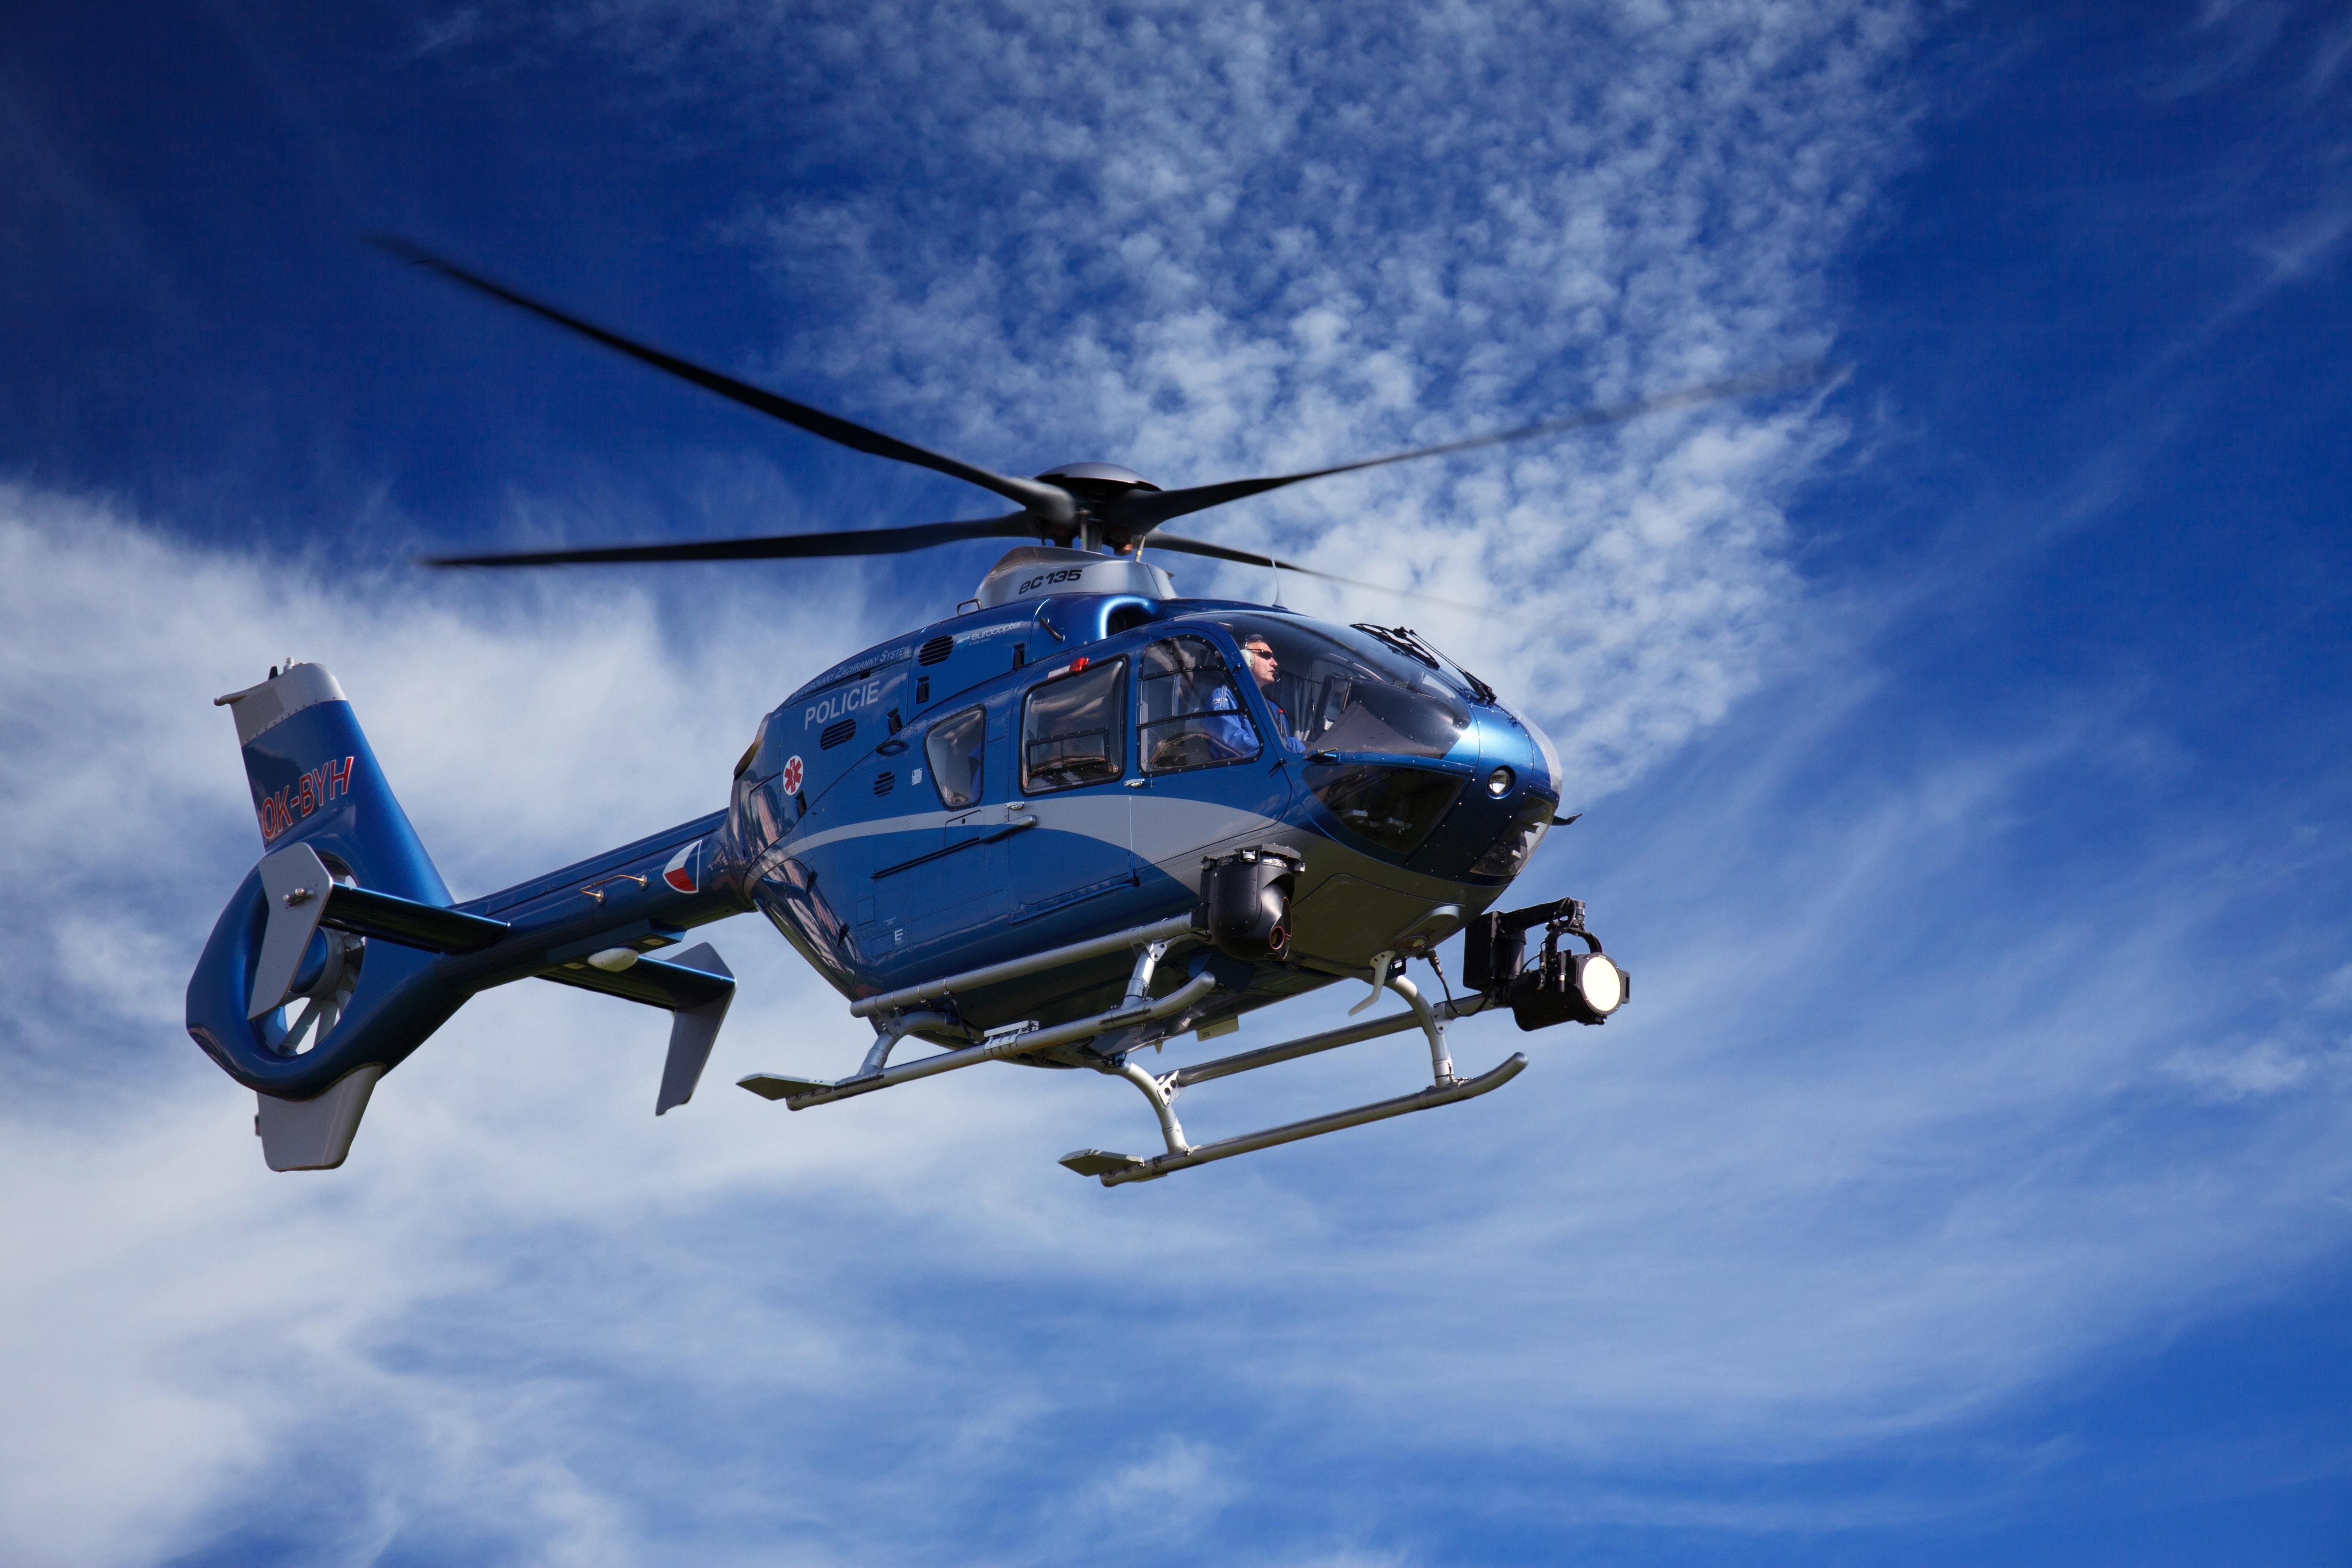 aviation-chopper-flight-41174